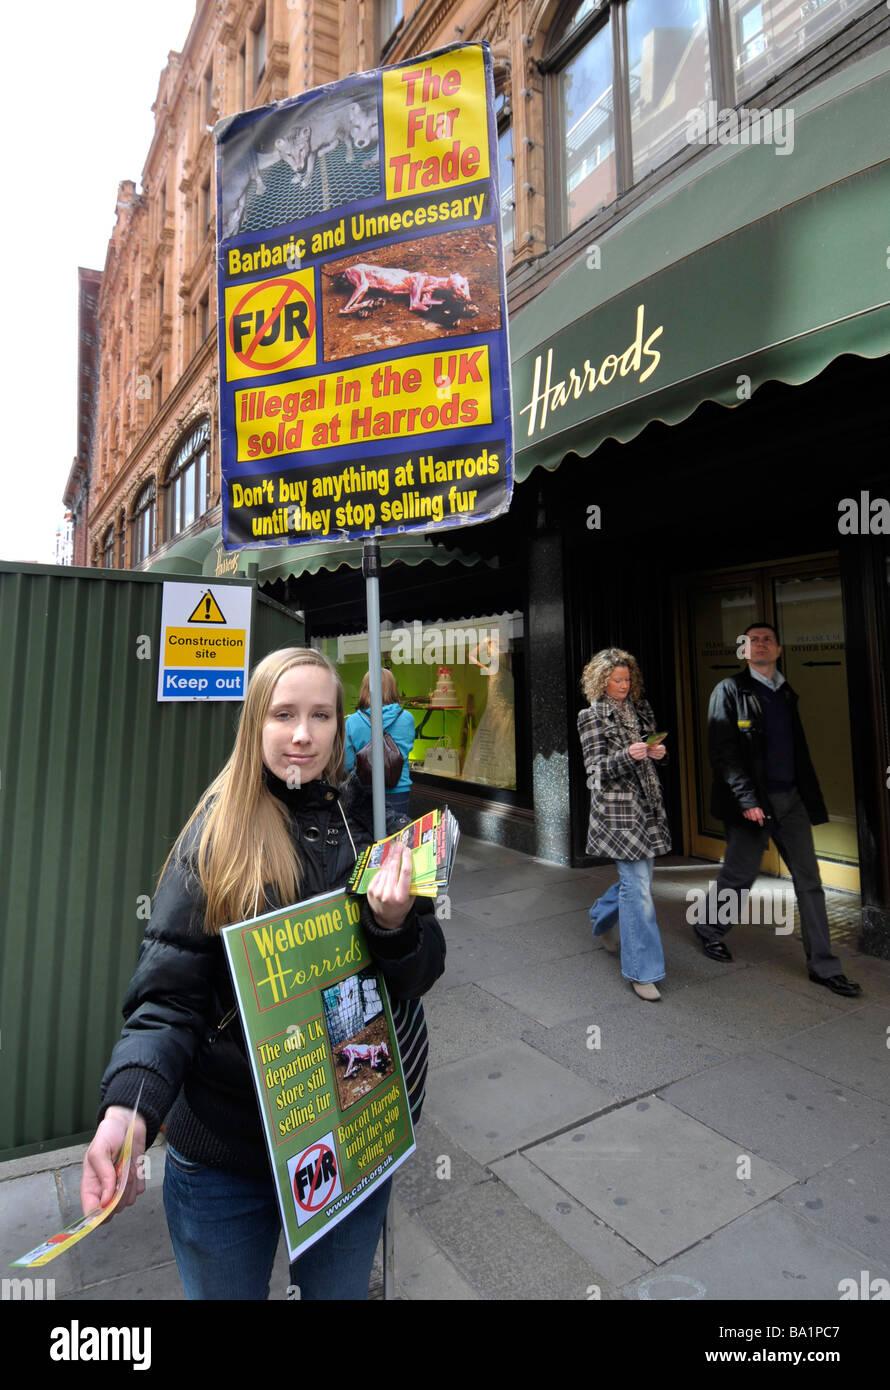 Anti fur sales protester fuori magazzini Harrods, Londra , Inghilterra, Regno Unito Immagini Stock